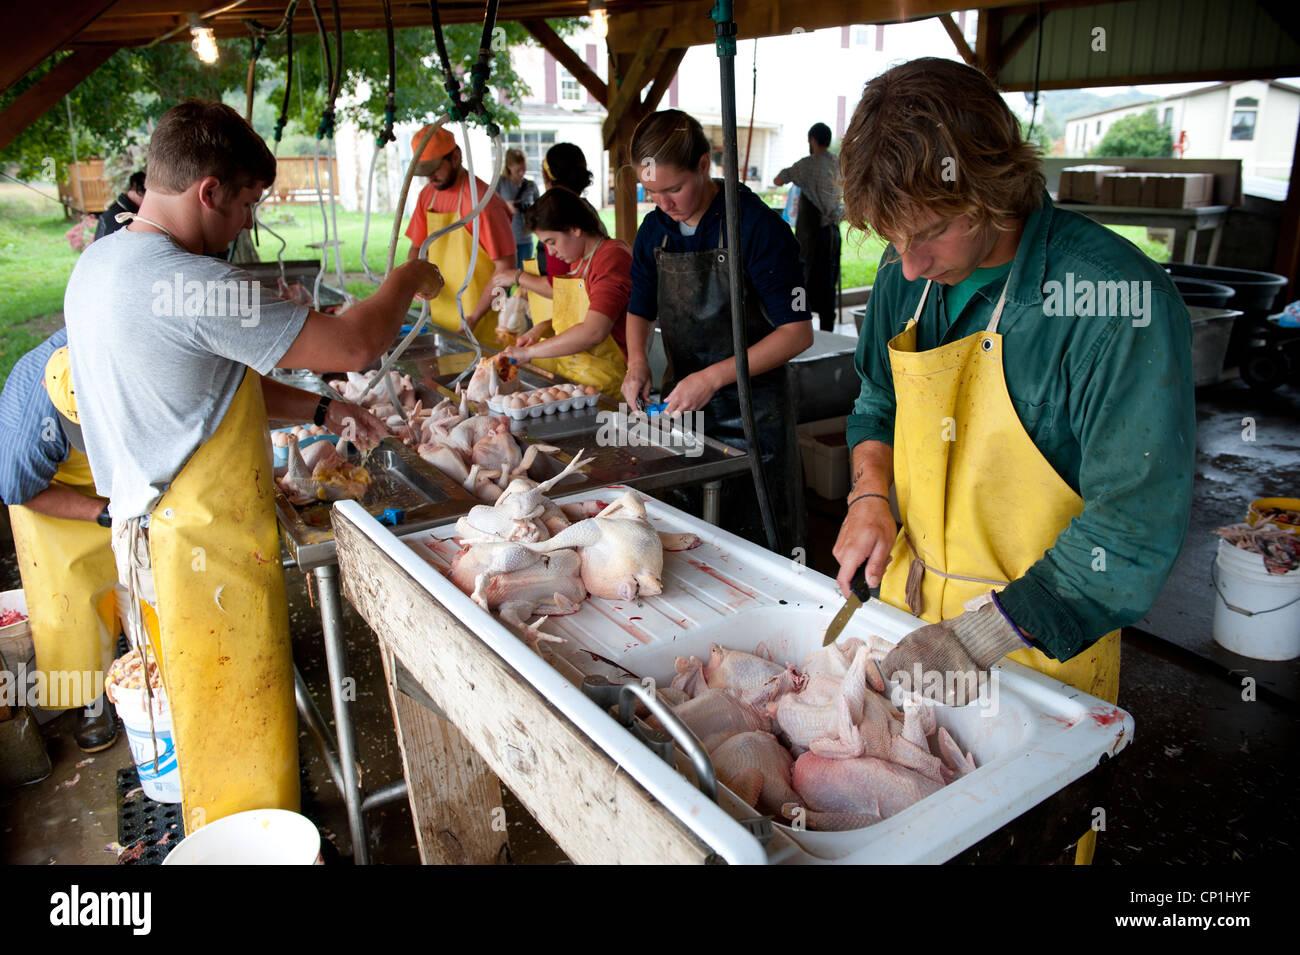 Reinigung und Vorbereitung der geschlachteten Hühner auf einer Geflügelfarm Gruppe Stockbild